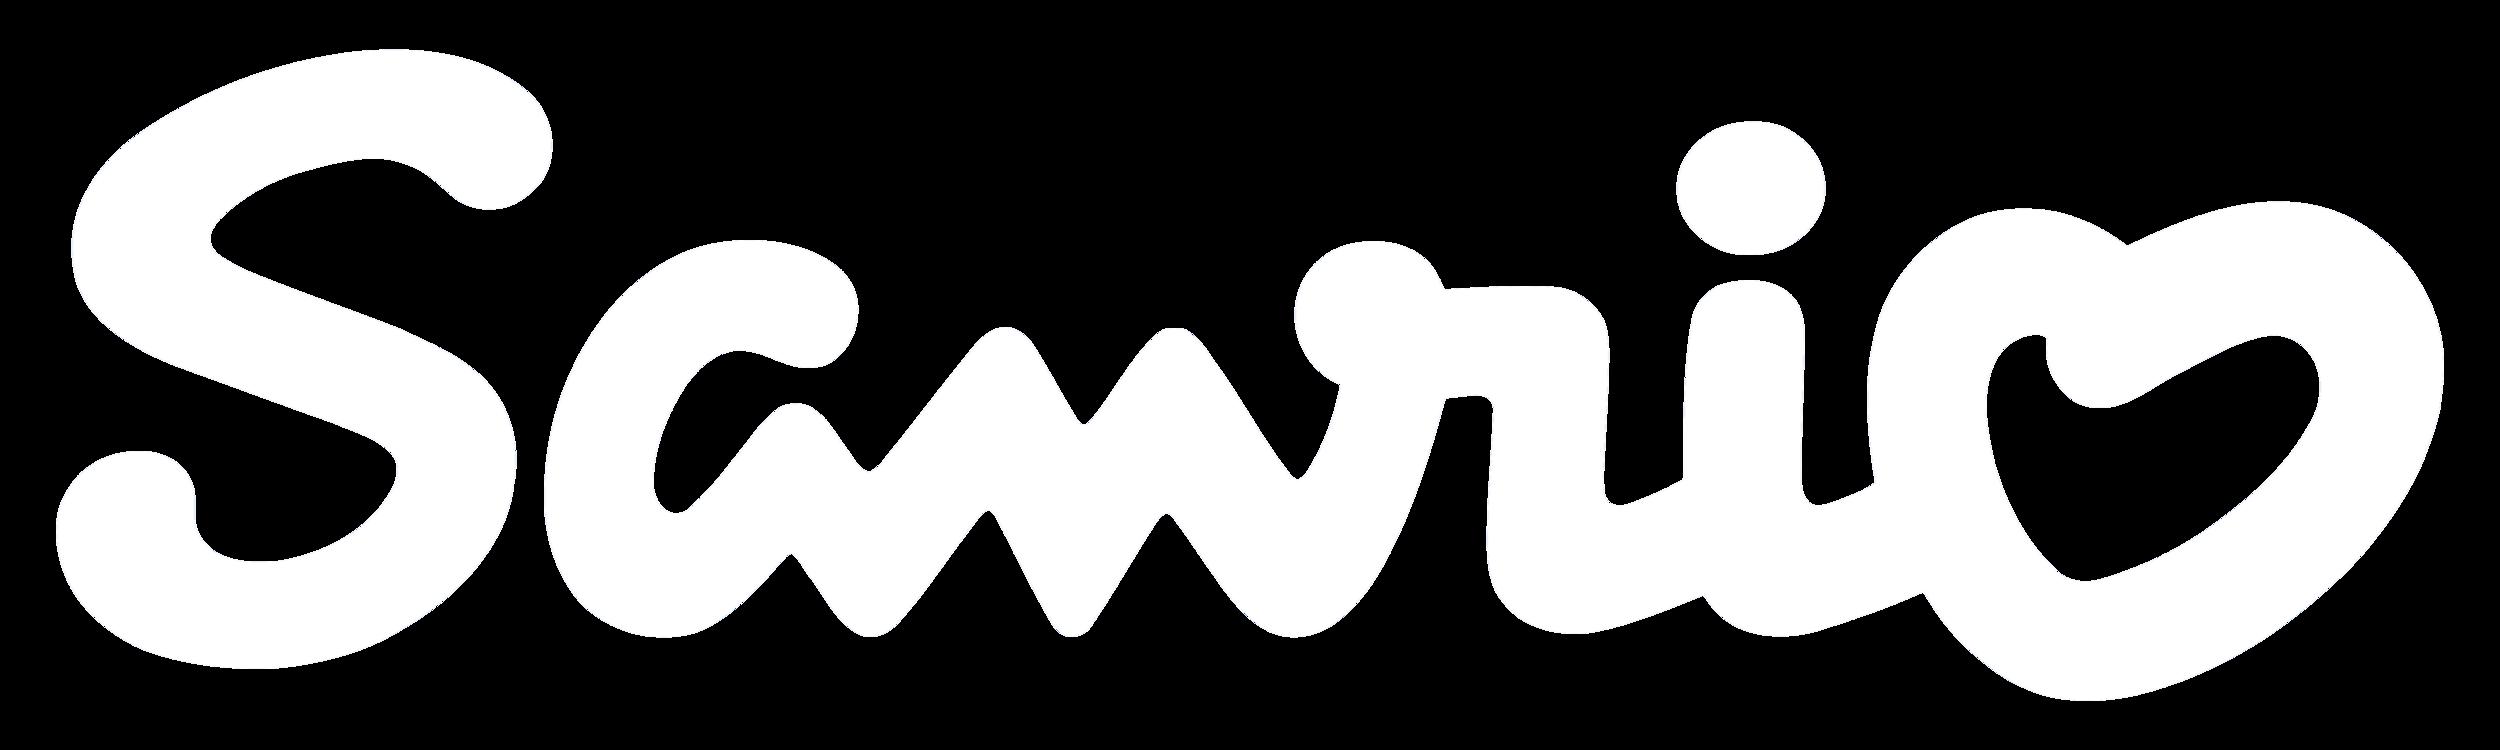 Sanrio_logo-copy.png